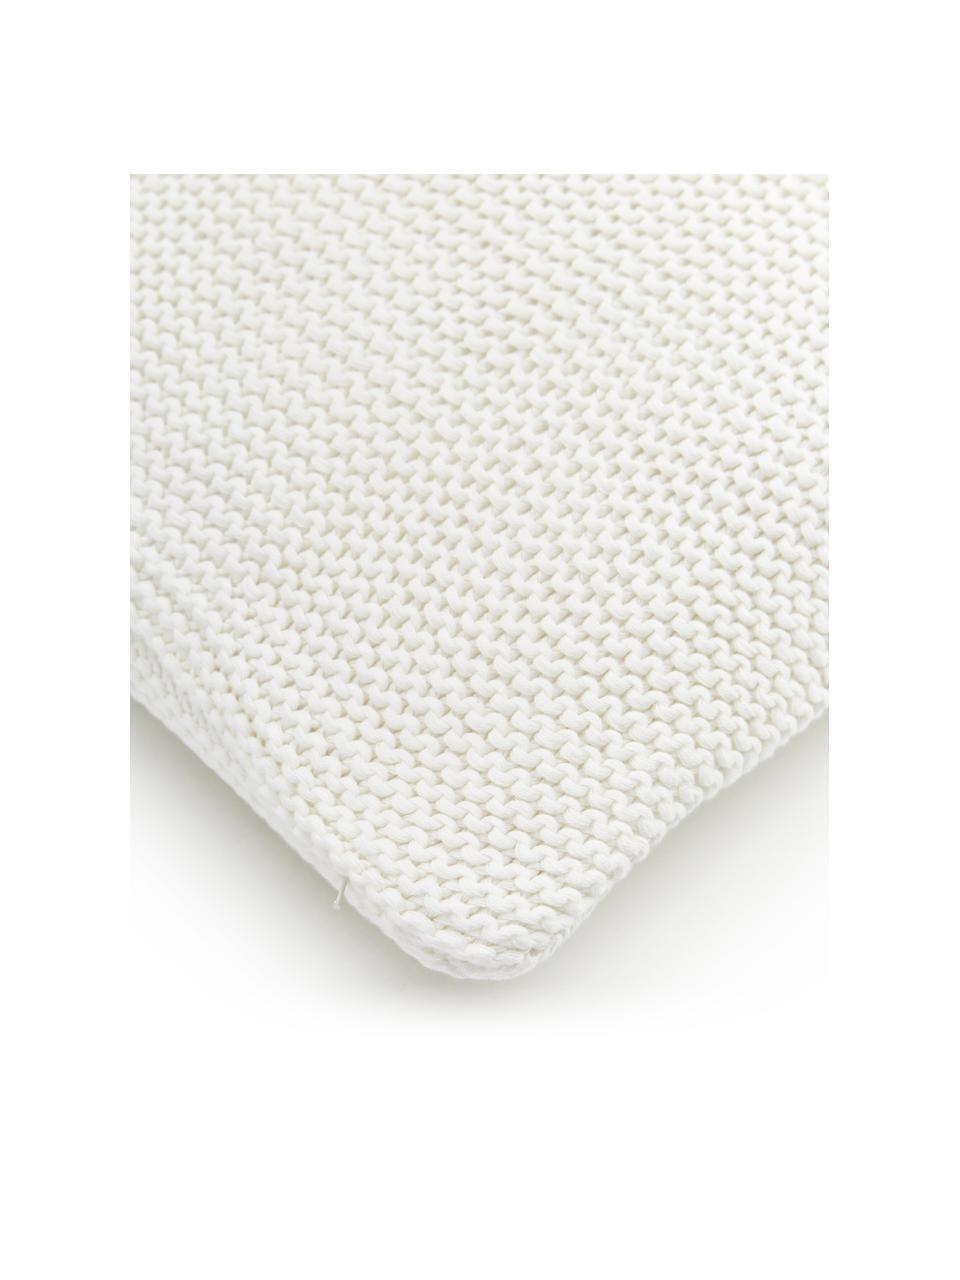 Strick-Kissenhülle Adalyn aus Bio-Baumwolle in Naturweiß, 100% Bio-Baumwolle, GOTS-zertifiziert, Naturweiß, 60 x 60 cm